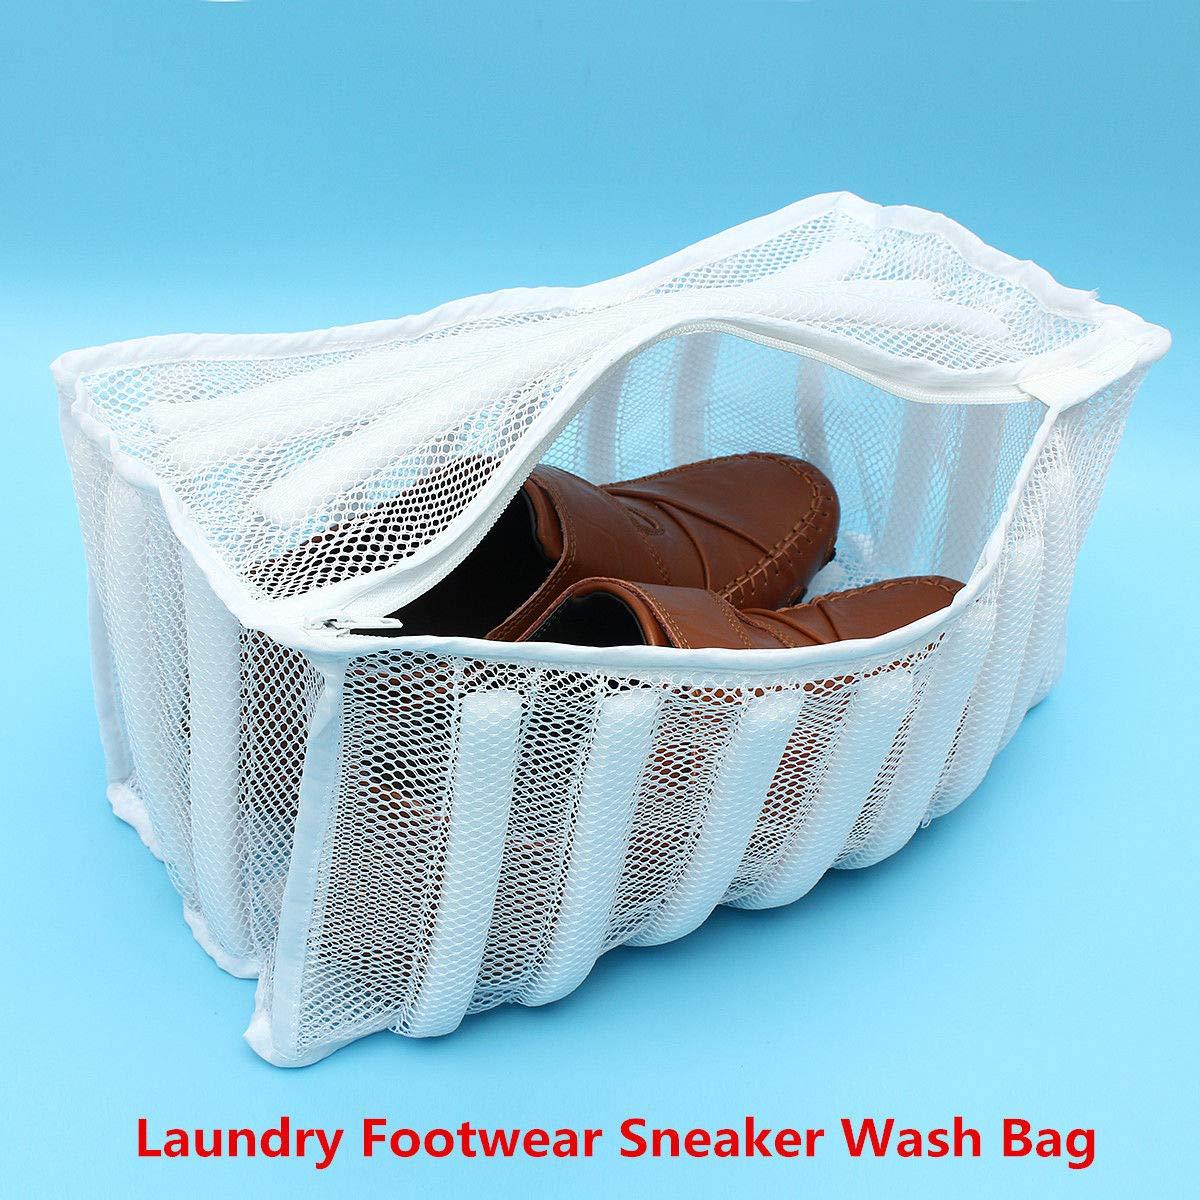 靴ランドリー洗濯バッグメッシュネットランジェリー下着服靴洗濯バッグ B07G4JWCP5